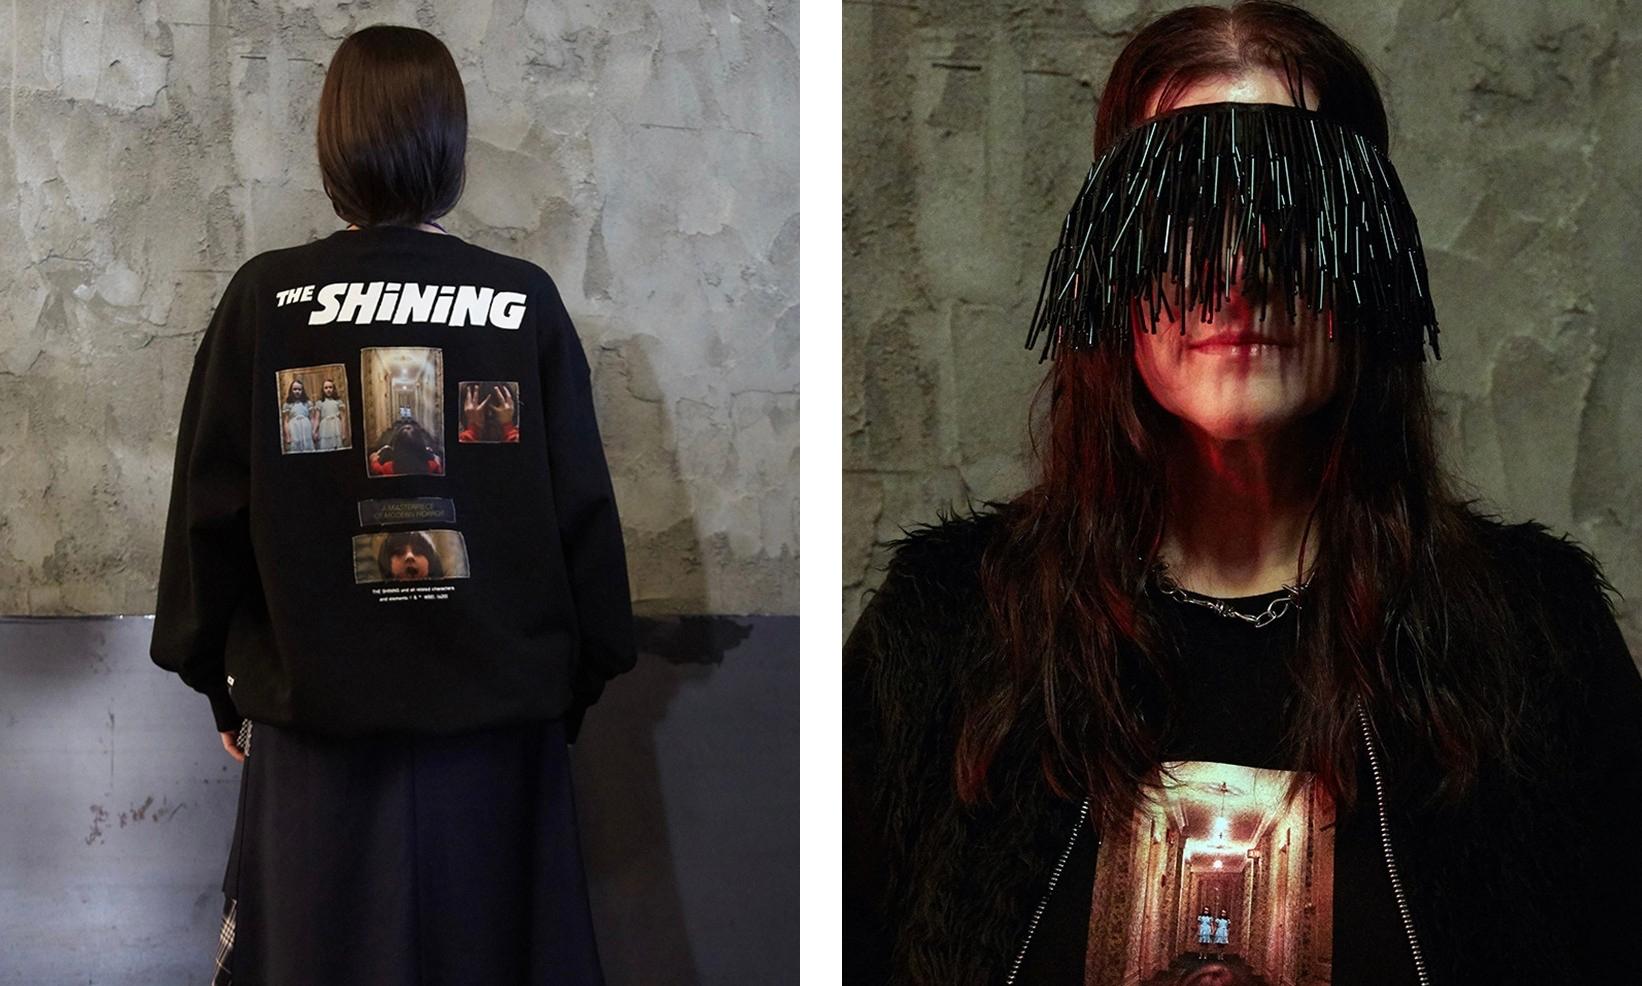 韩国街头品牌 LMC 推出「闪灵」系列